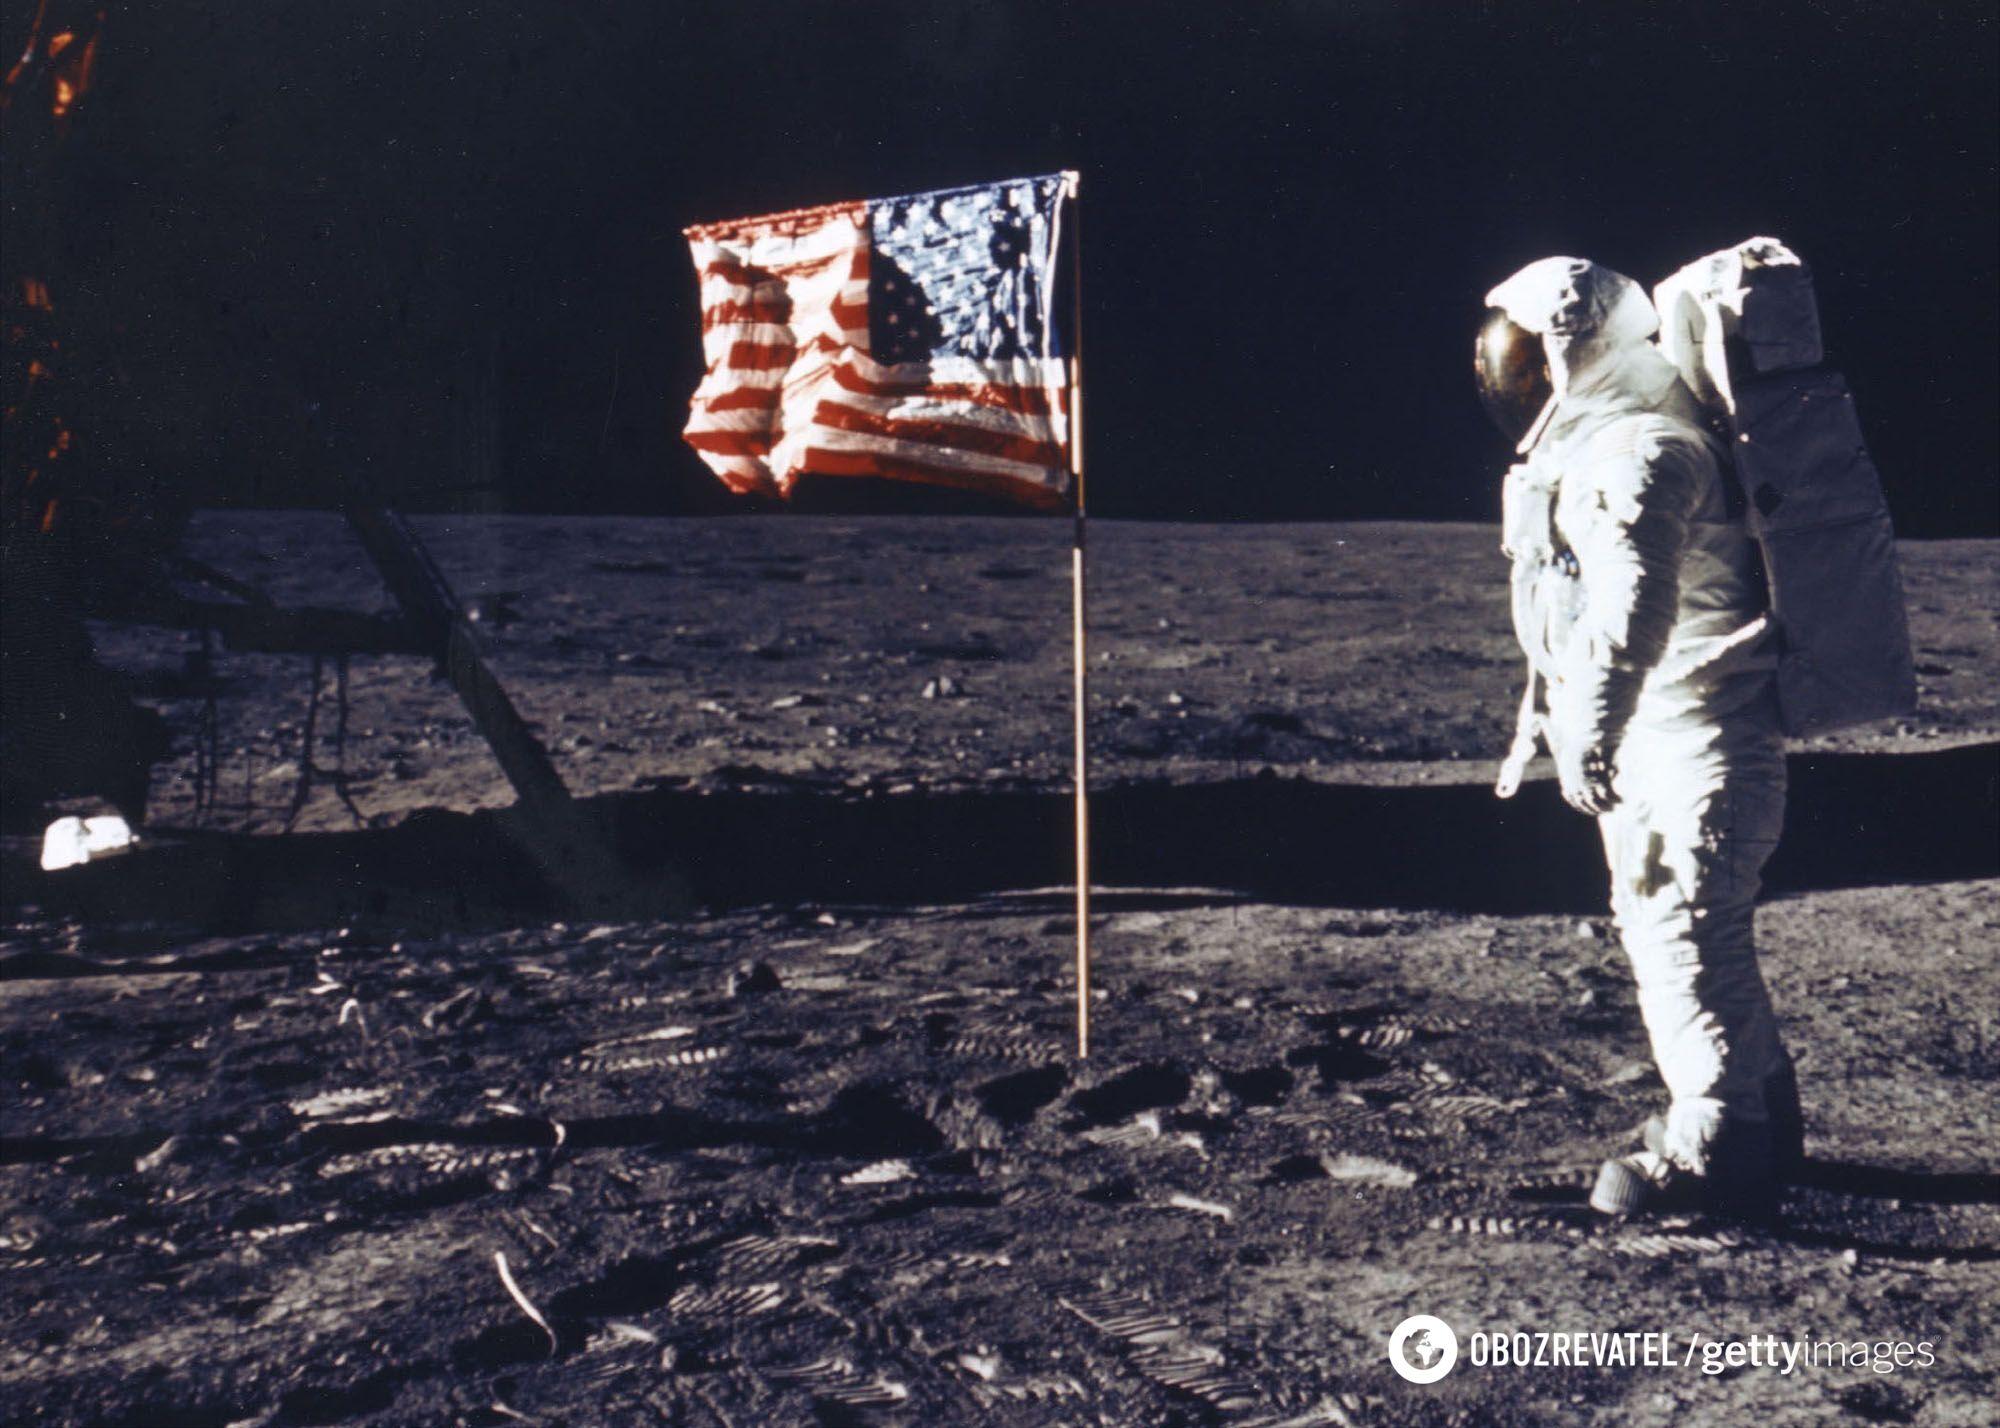 Прапор США на Місяці майорить, ніби на вітру